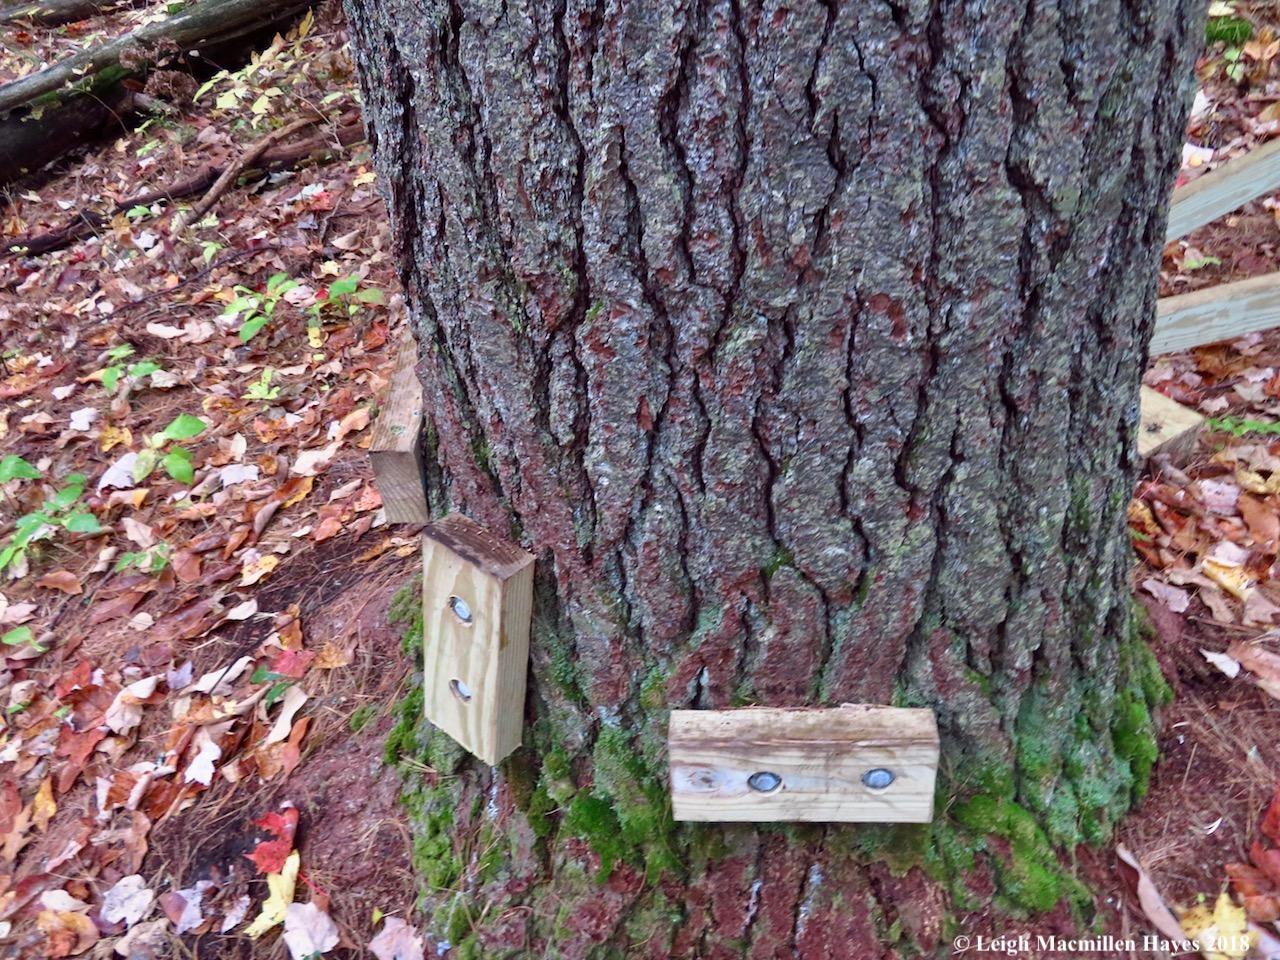 14-around the white pine